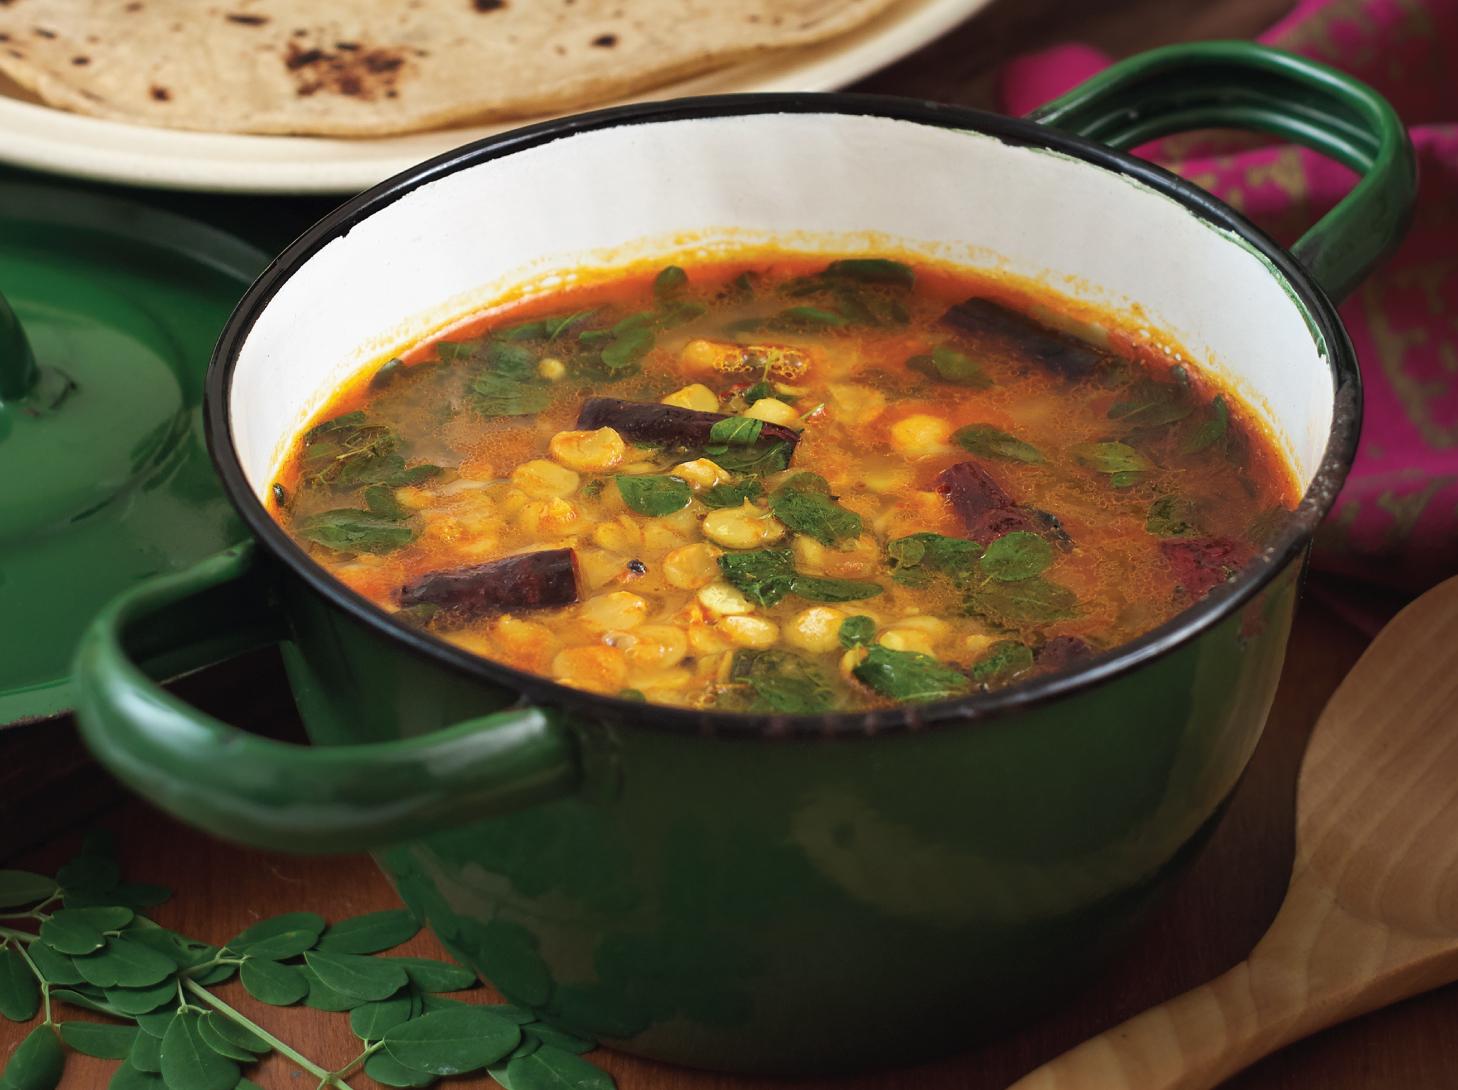 辣木叶豆瓣汤<br>Moringa Leaves Dhal Curry